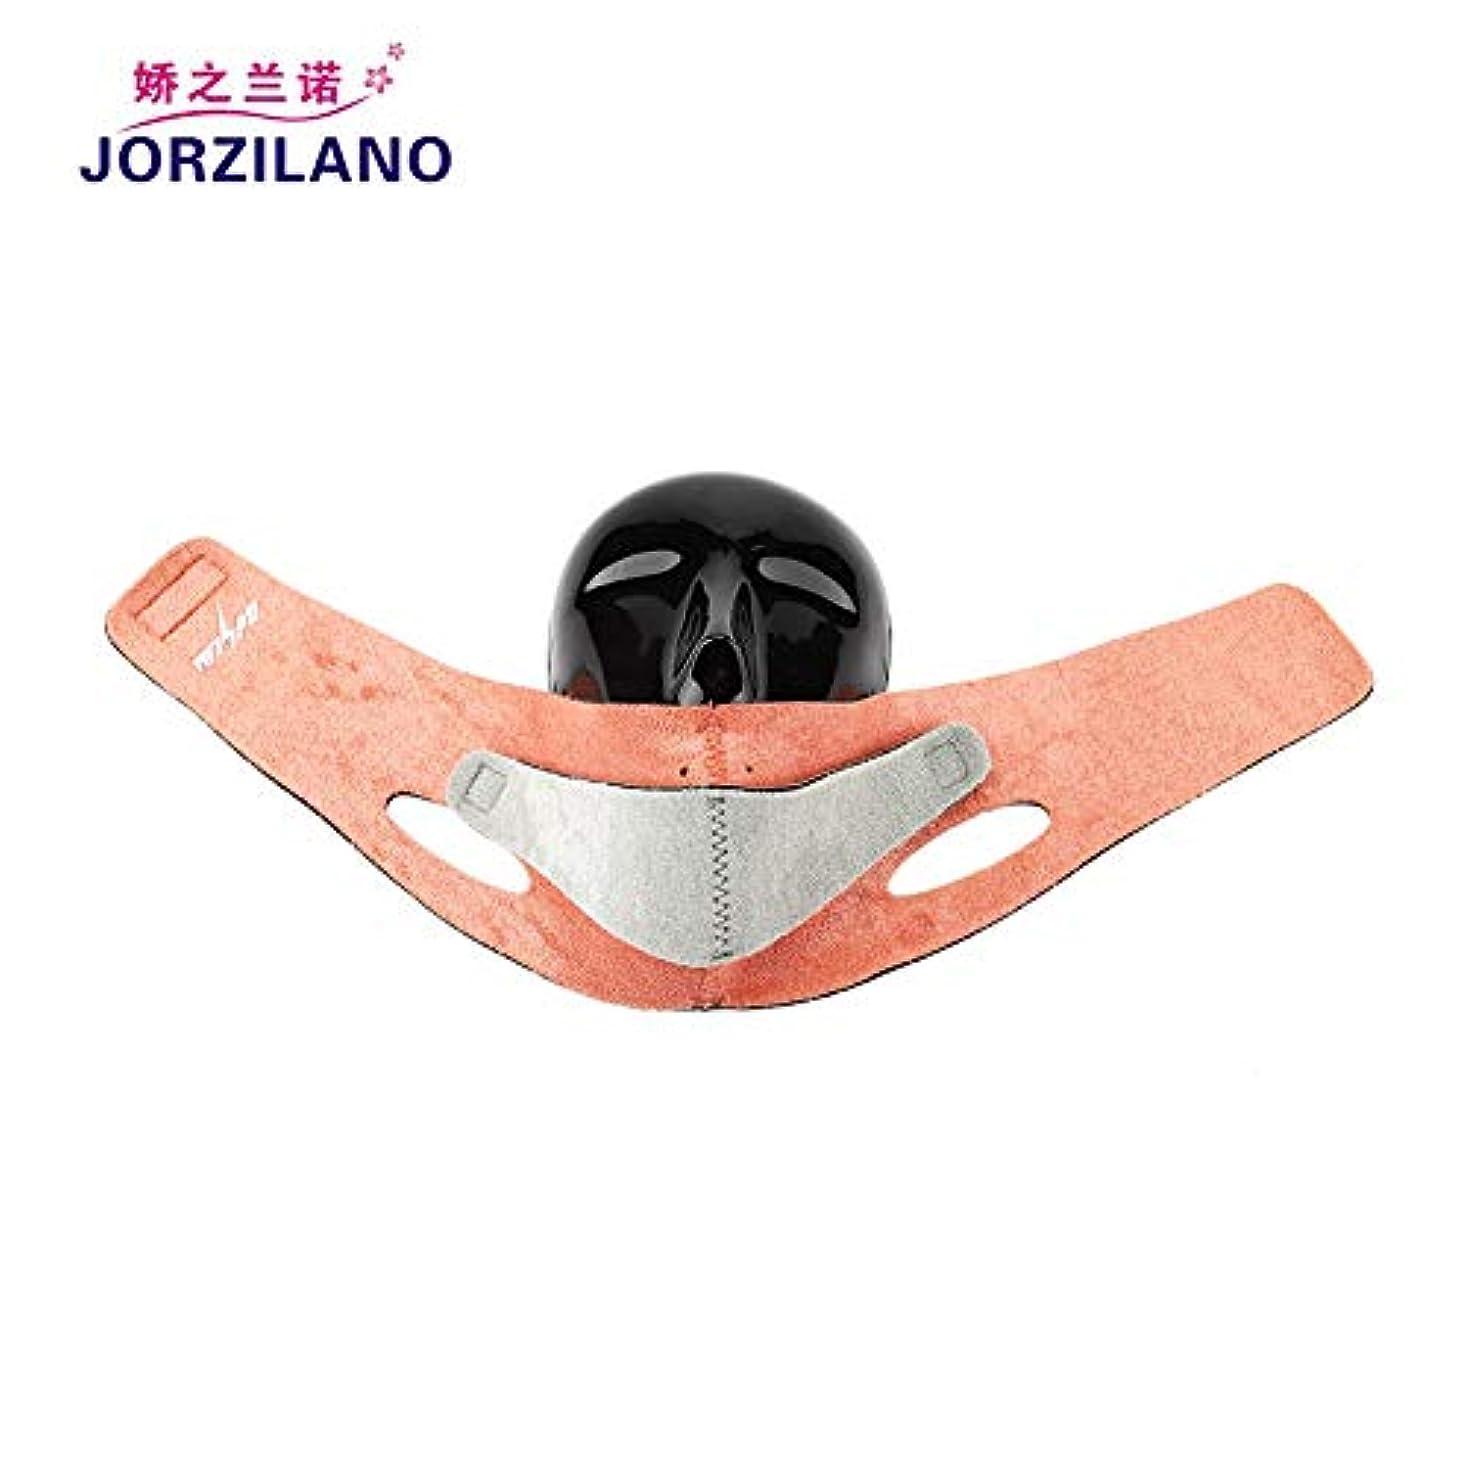 匿名最愛の商品フェイシャルスリミングマスク 通気性と弾力性 V 輪郭 持ち上げ